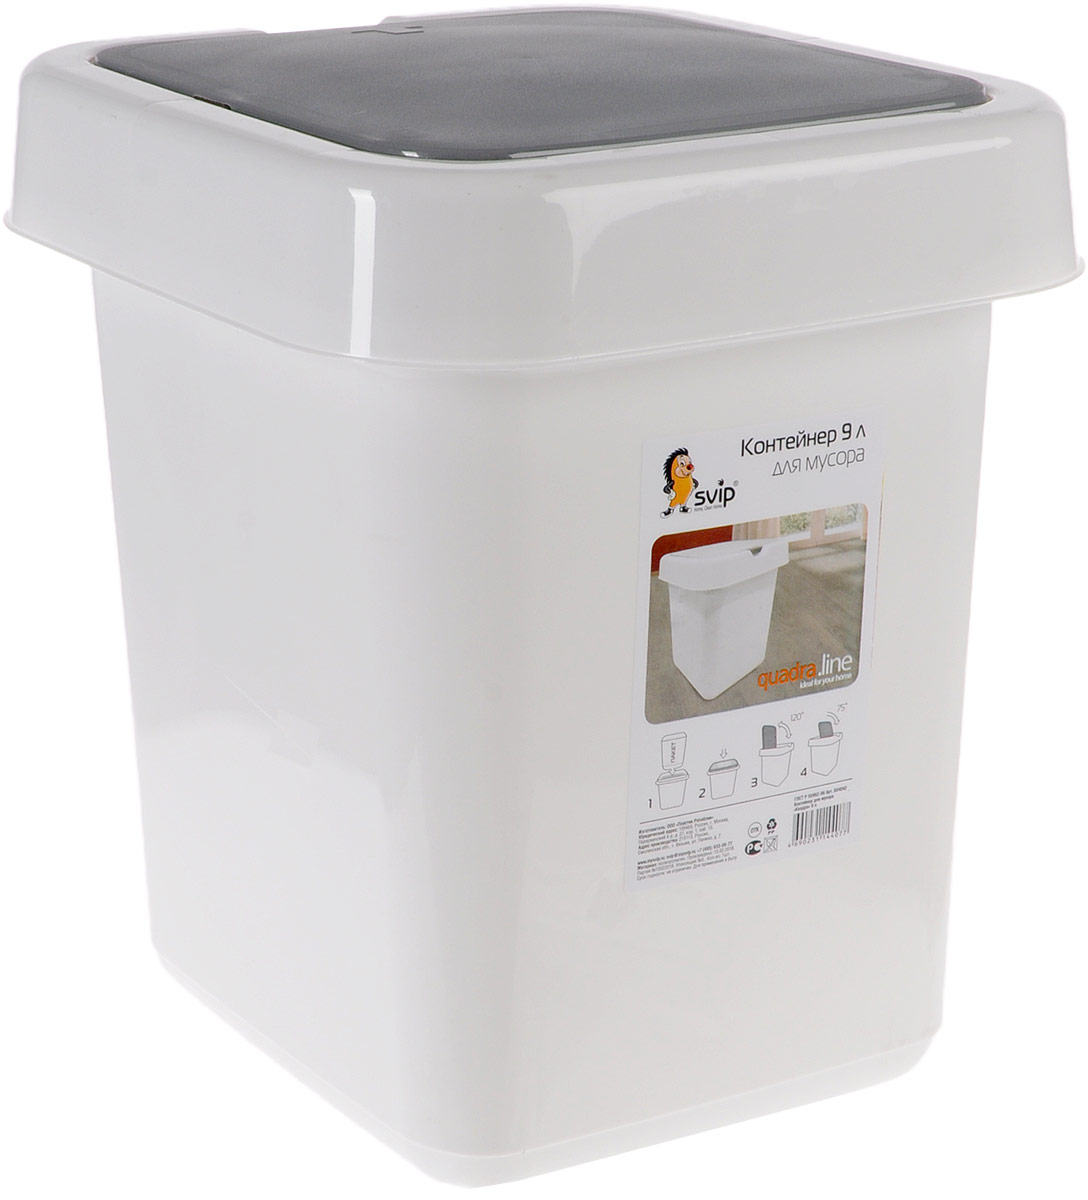 Контейнер для мусора Svip Квадра, цвет: белый, серый, 9 лMP-504_фиолетовыйМусорный контейнер Svip Квадра поможет поддержать порядок и чистоту на кухне, в туалетной комнате или в офисе. Изделие, выполненное из полипропилена, не боится ударов и долгих лет использования. Изделие оснащено крышкой с двойным механизмом открывания, что обеспечивает максимально удобное использование: откидной крышкой можно воспользоваться при выбрасывании большого мусора, крышкой-маятником - для мусора меньшего объема. Скрытые борта в корпусе изделия для аккуратного использования одноразовых пакетов и сохранения эстетики изделия. Съемная верхняя часть контейнера обеспечивает удобство извлечения накопившегося мусора. Эстетика изделия превращает необходимый предмет кухни или туалетной комнаты в стильное дополнение к интерьеру. Его легкость и прочность оптимально решают проблему сбора мусора.